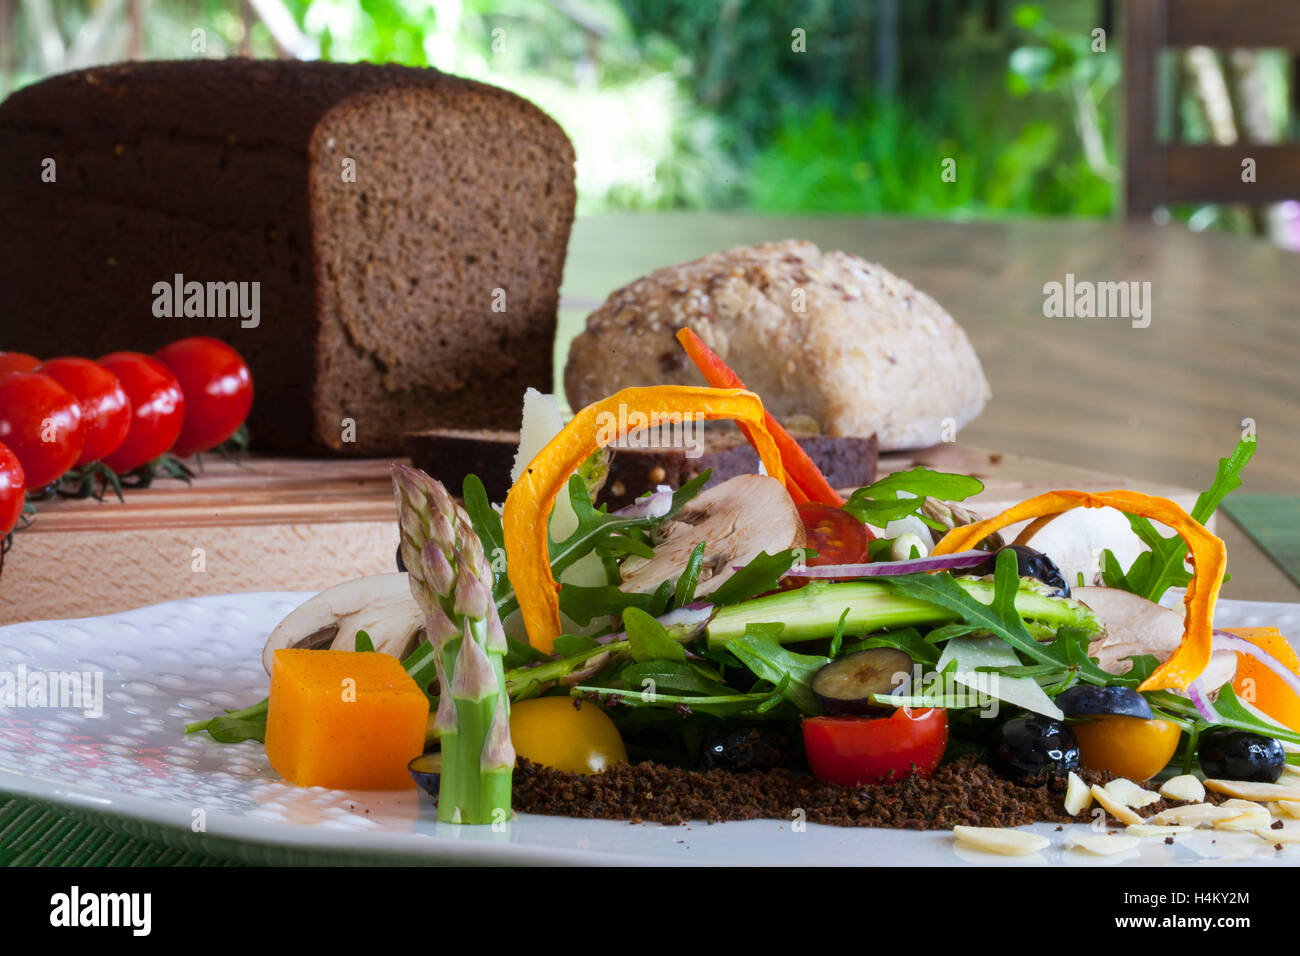 Salat, gesunde Ernährung, Fine dining Stockbild